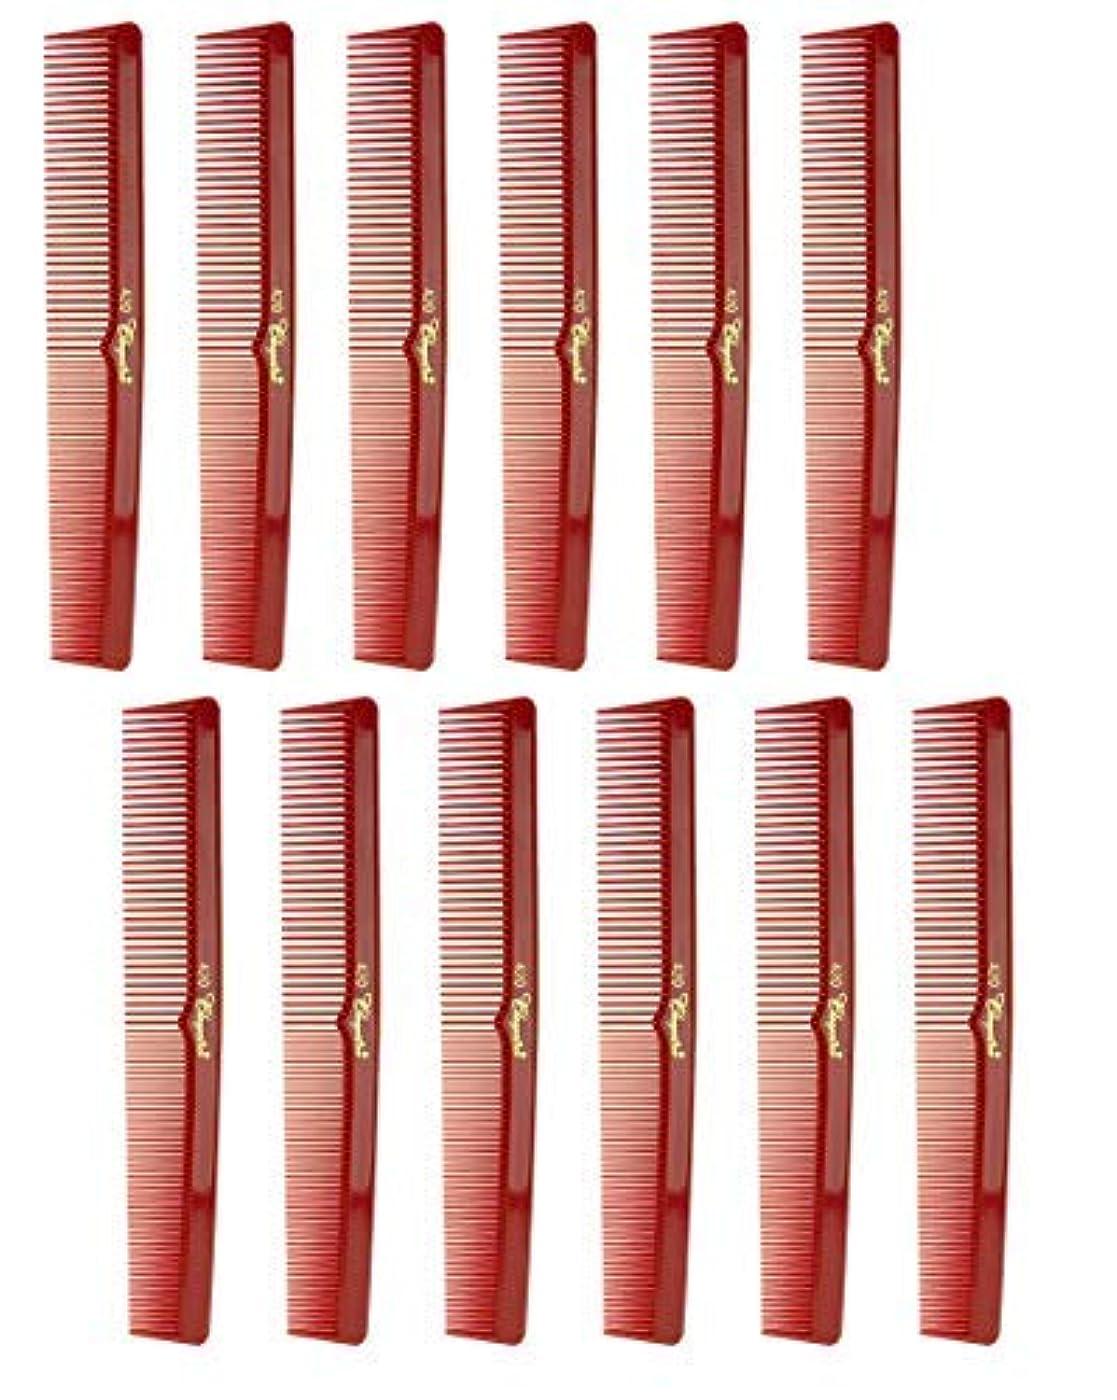 私たち罪アプライアンス7 Inch Hair Cutting Comb. Barber's & Hairstylist Combs. Red. 1 DZ. [並行輸入品]